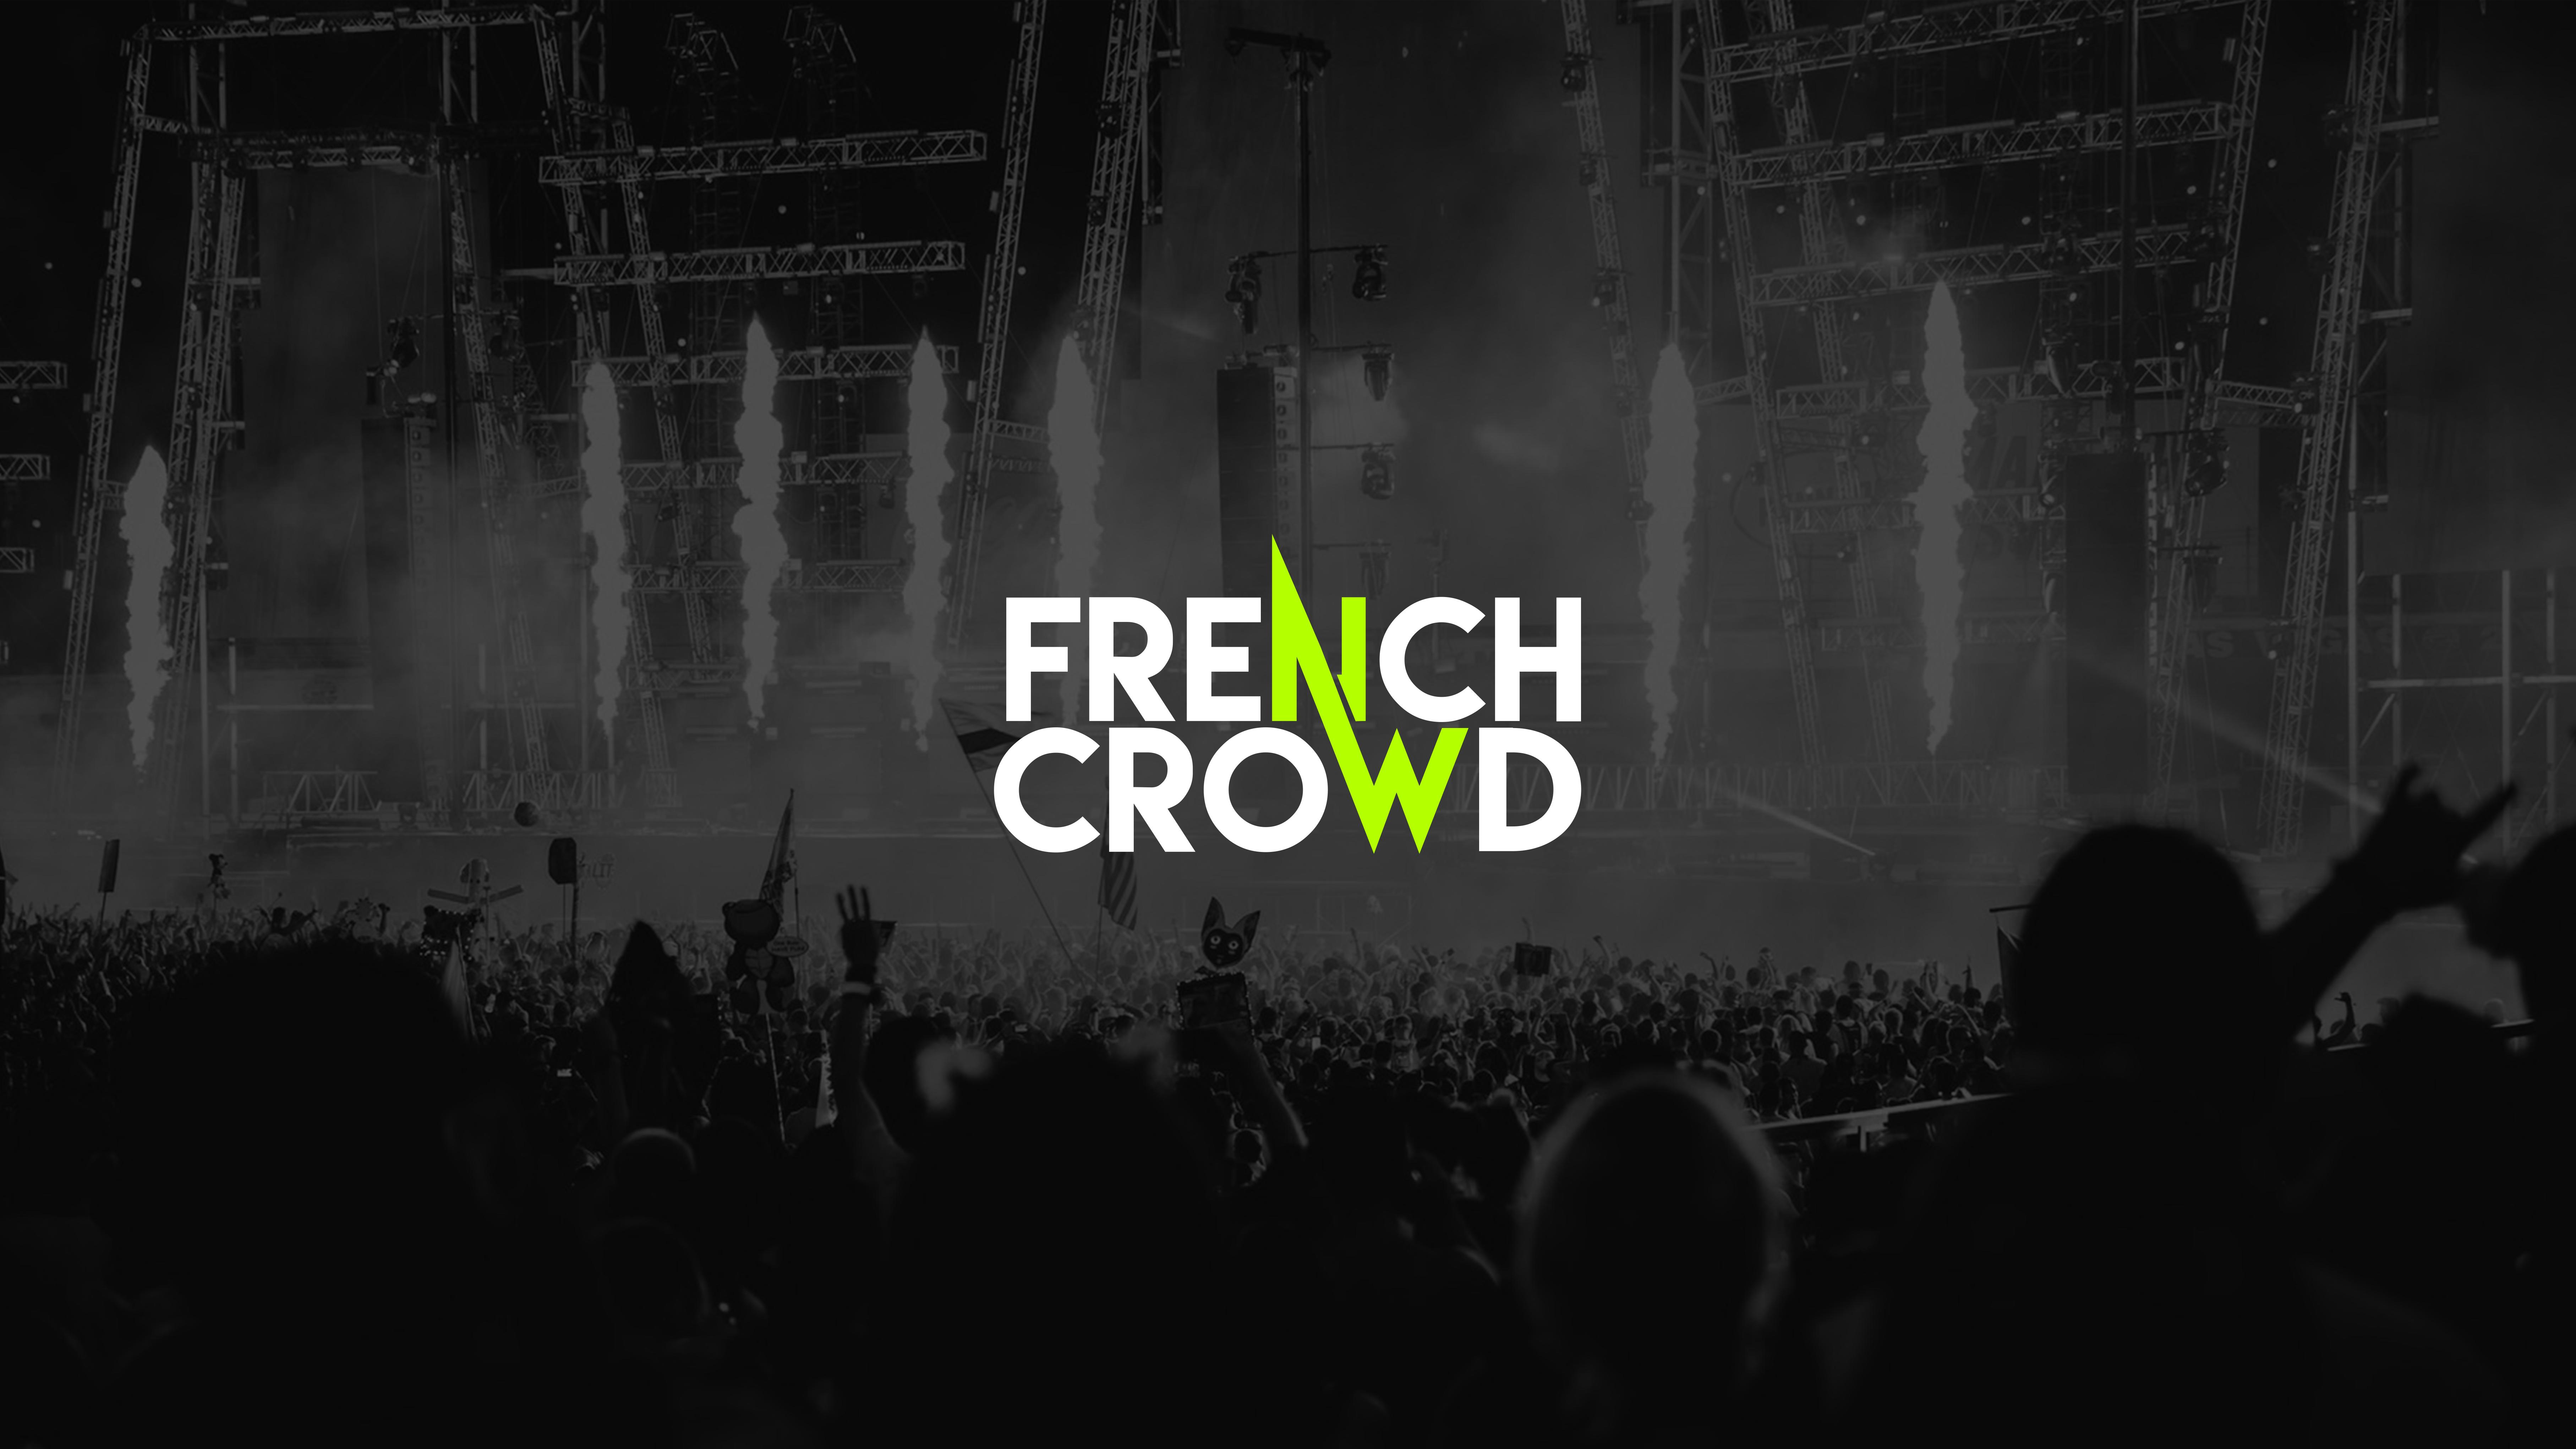 Bienvenue sur frenchcrowd.com